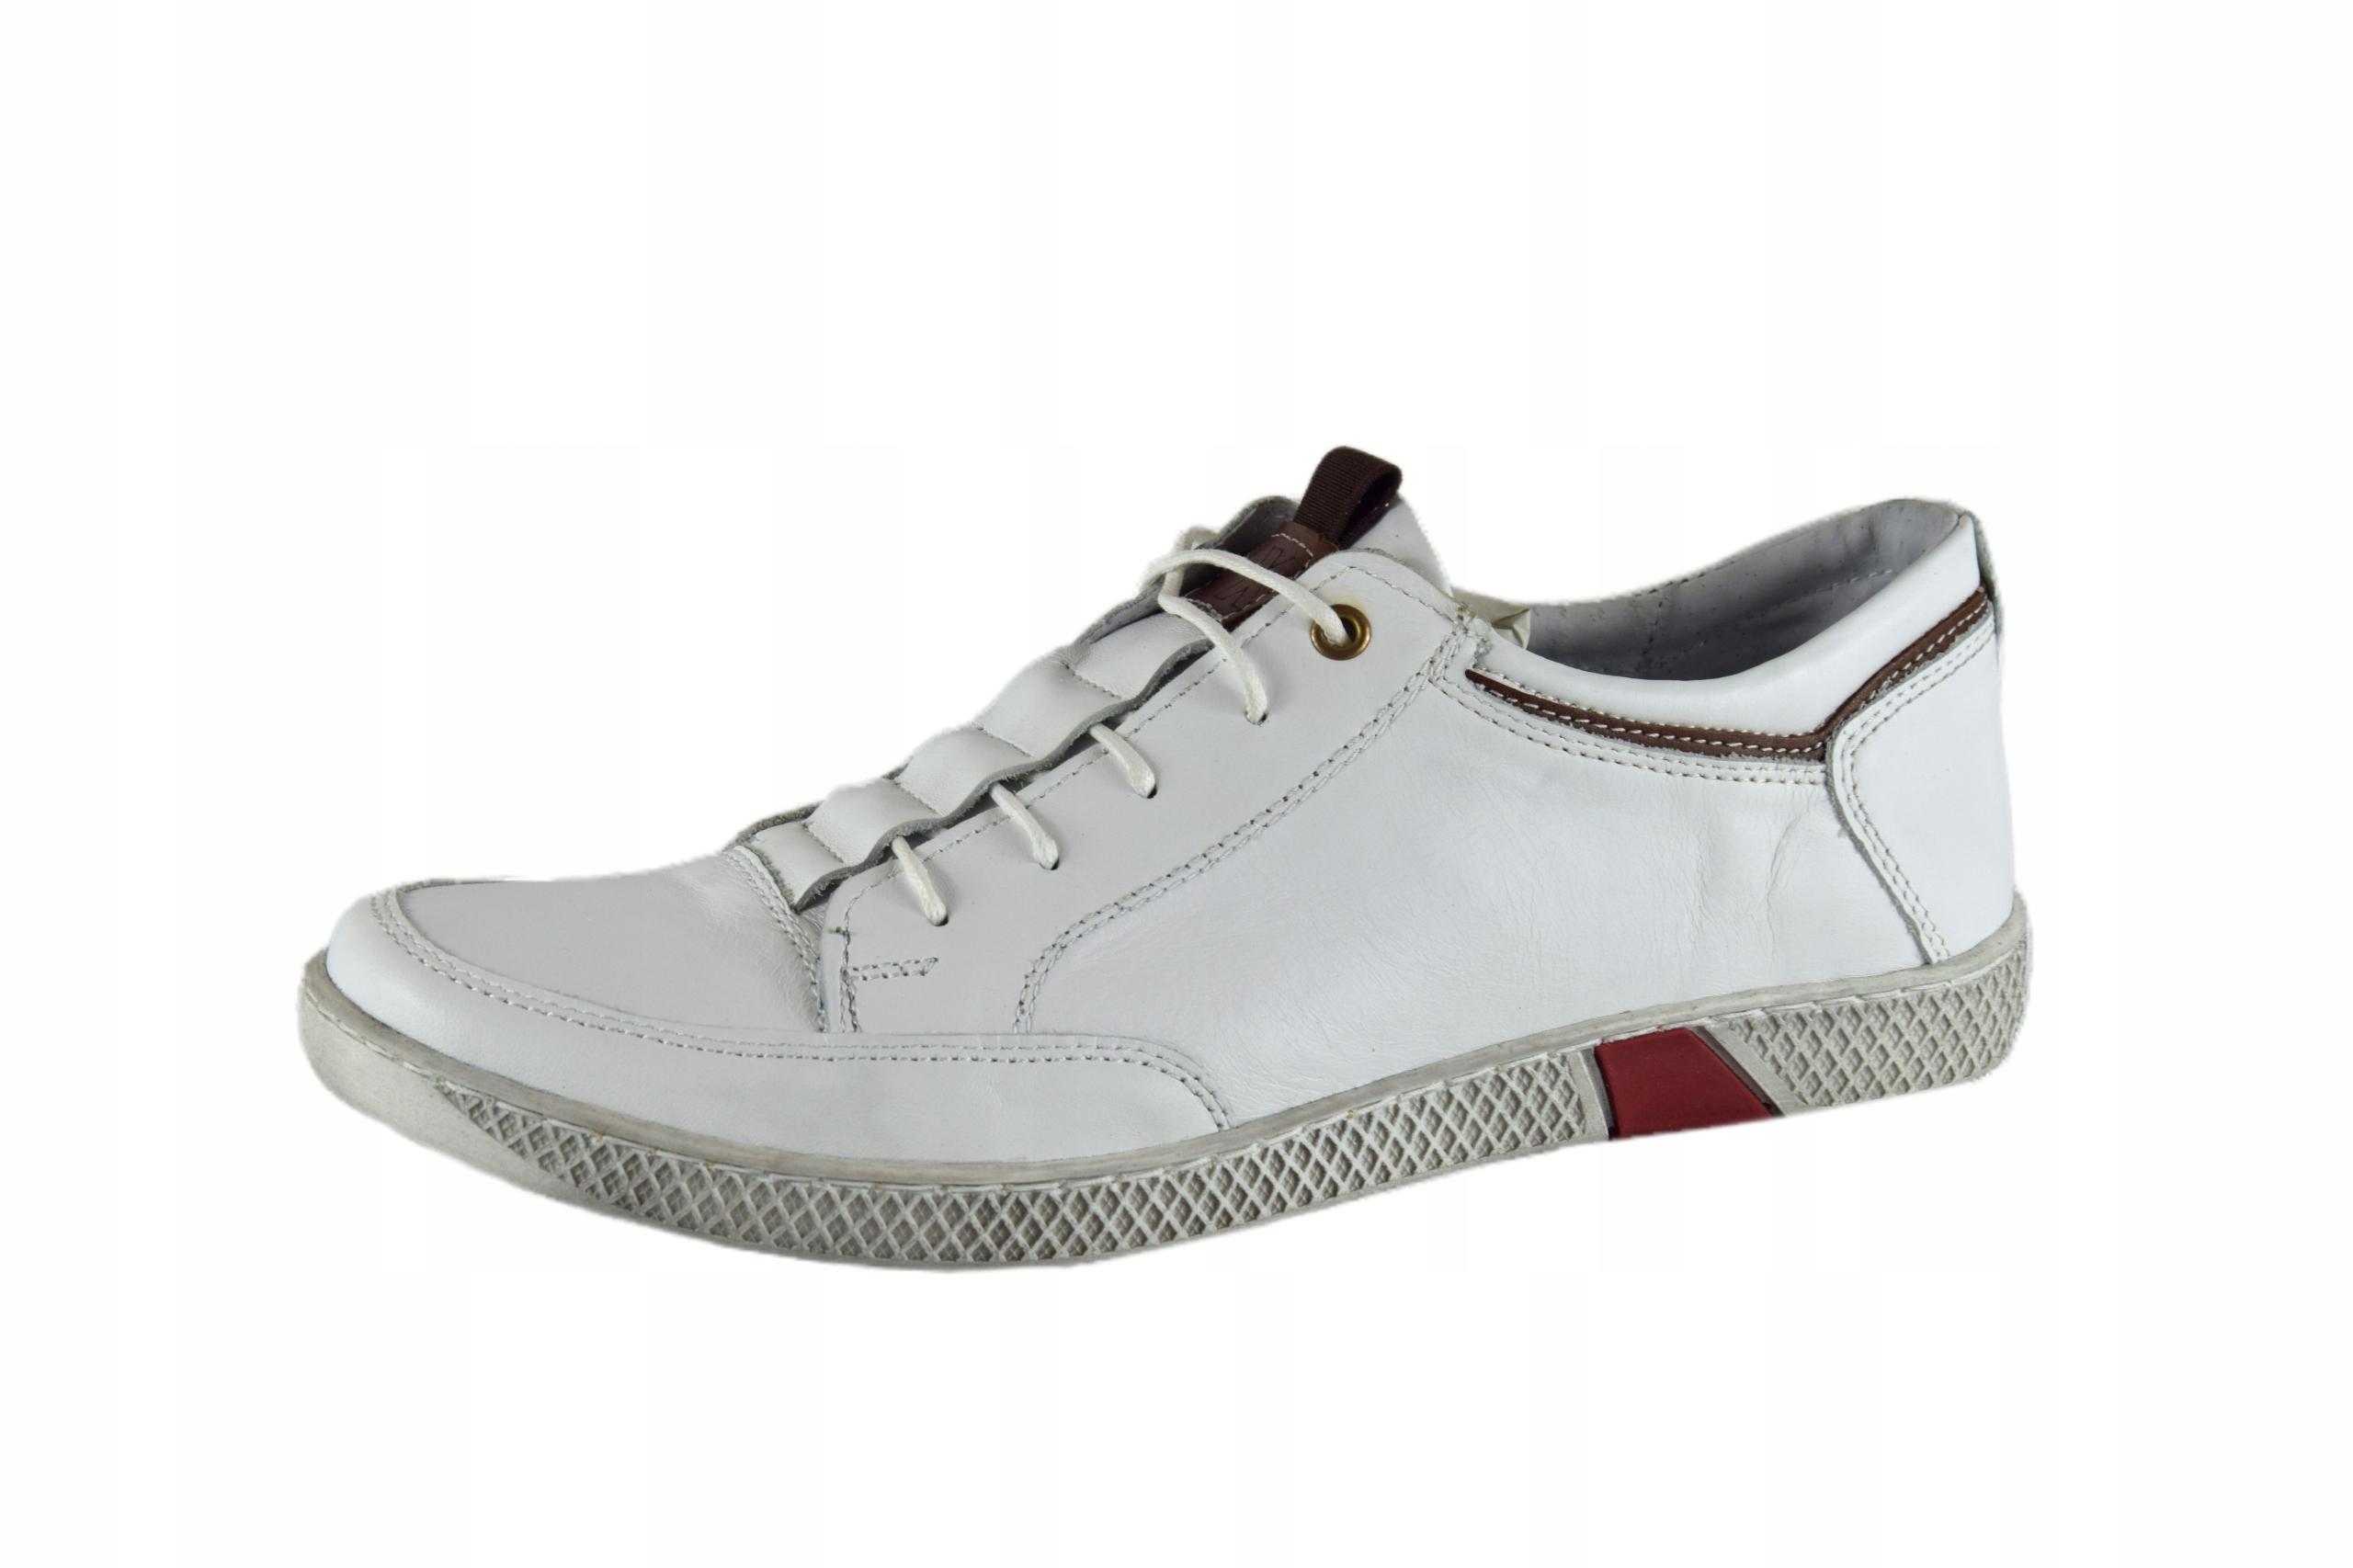 Białe buty skórzane sznurowane półbuty męskie 0448